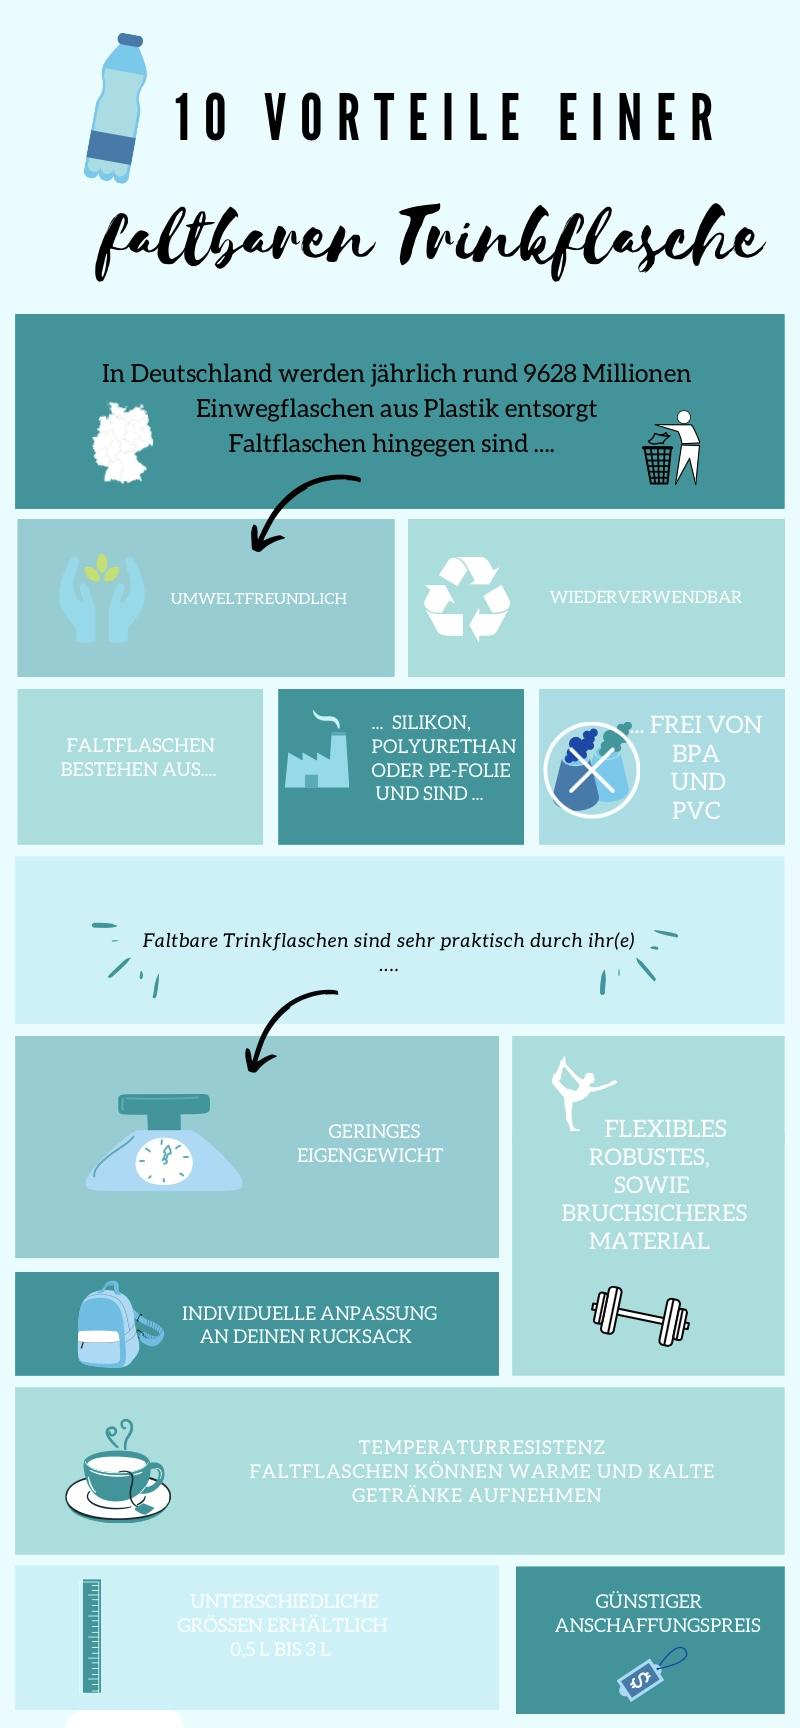 Infografik über die 10 wichtigsten Vorteile einer Faltflasche